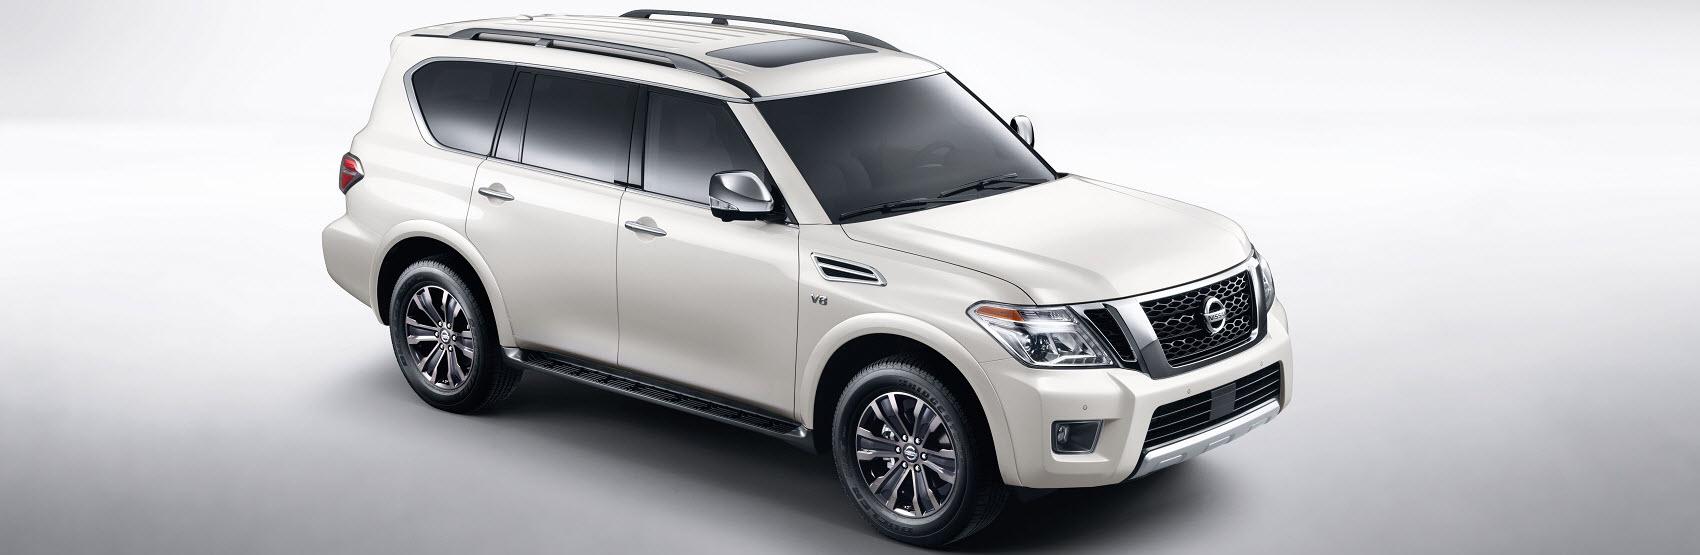 Nissan Armada White